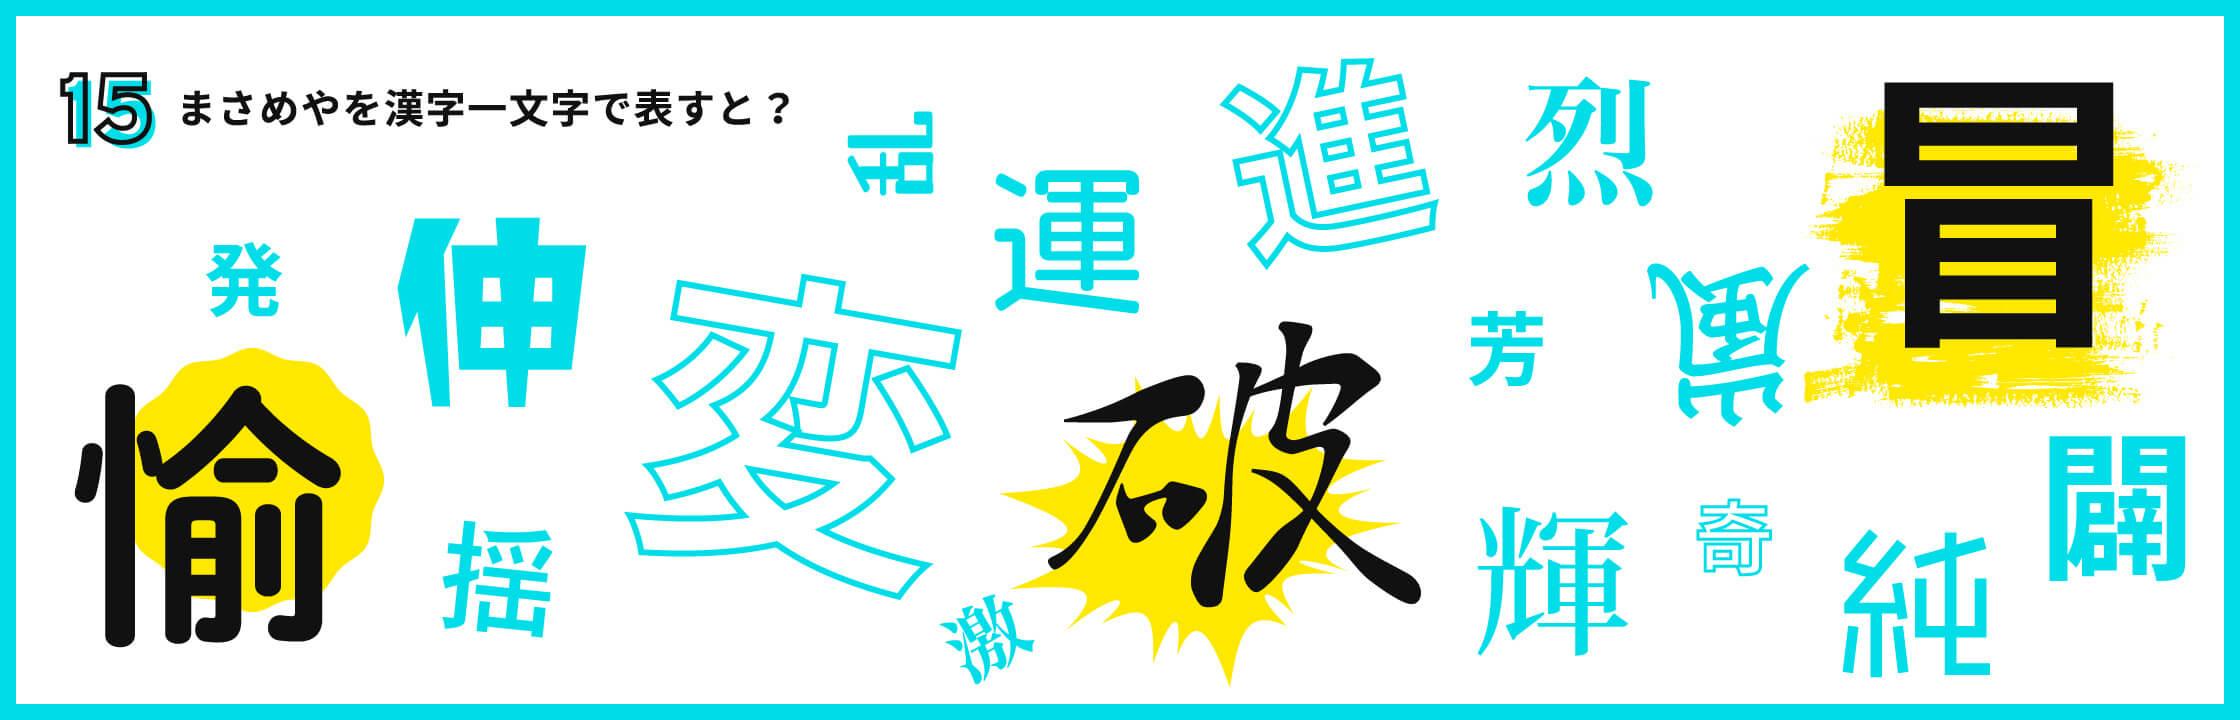 まさめやを漢字一文字で表すと?